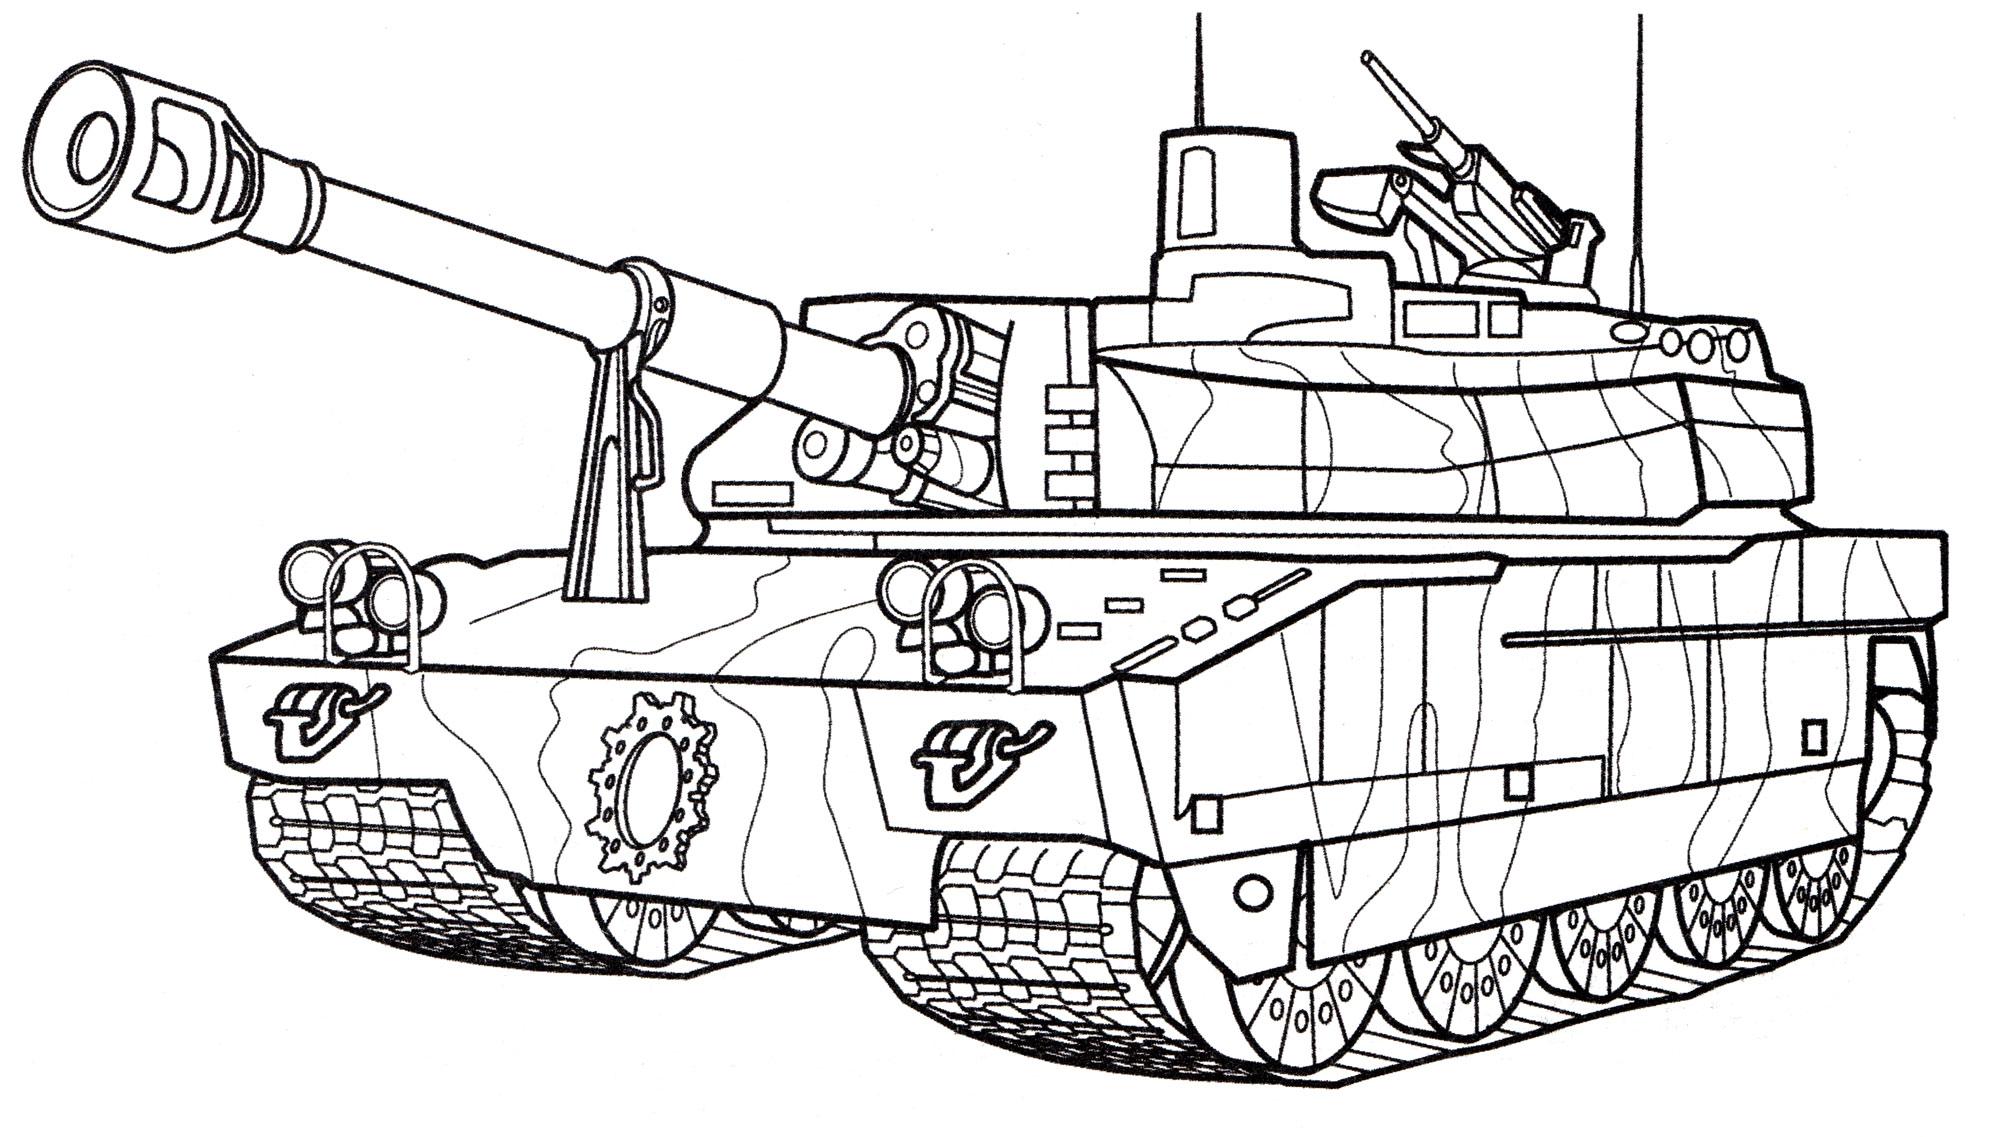 Раскраска Танк Leclerc, распечатать бесплатно или скачать